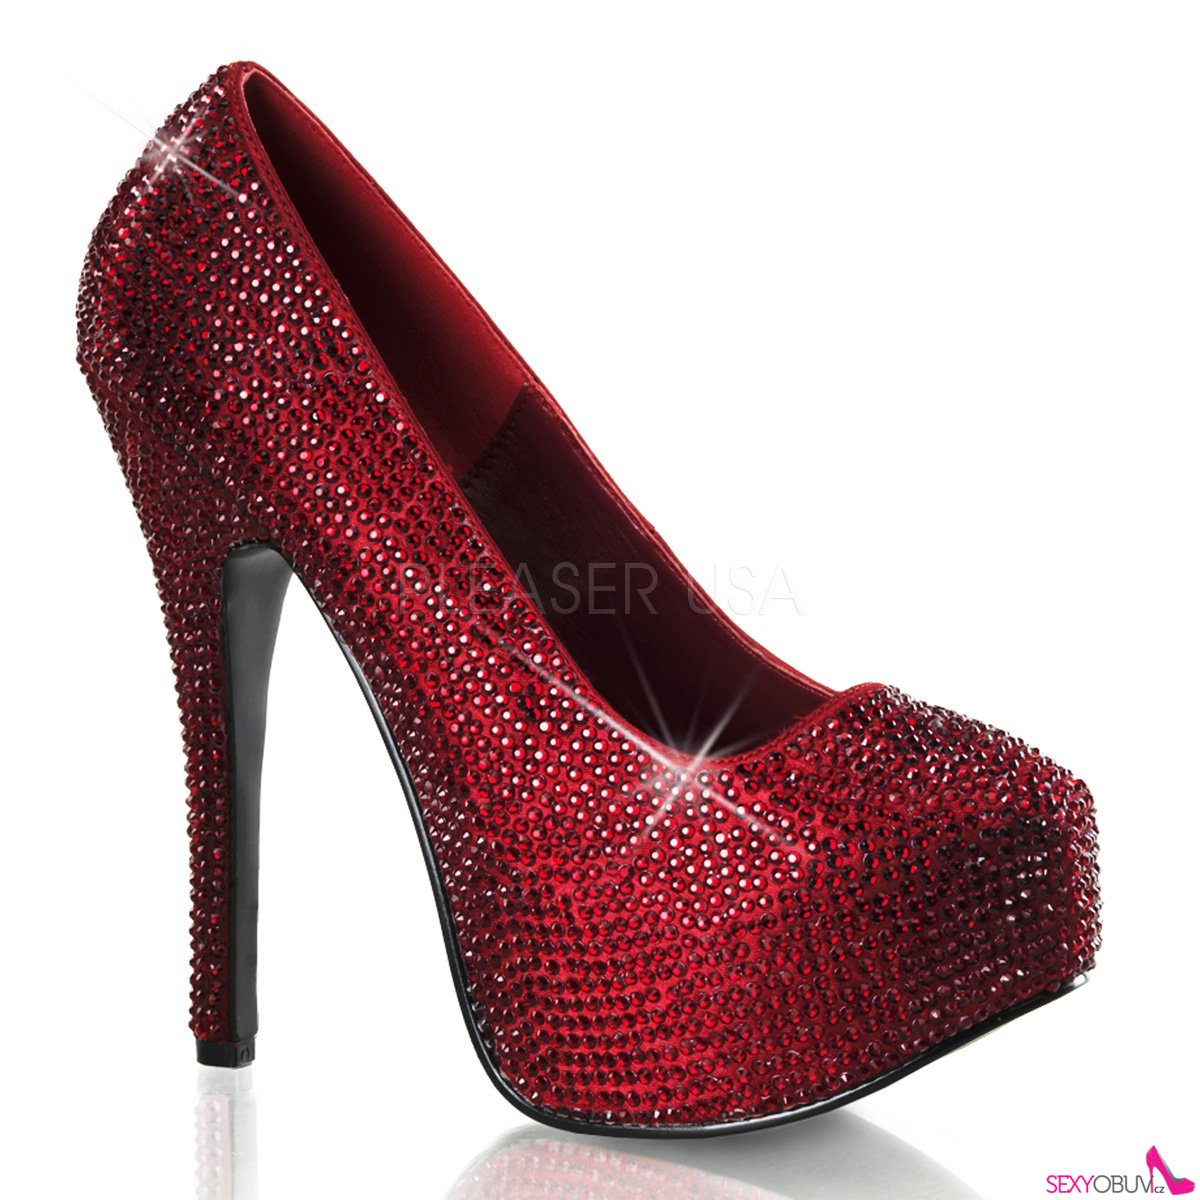 TEEZE-06R Rudé sexy dámské lodičky na podpatku a platformě ozdobné kameny f6bbd3f84d